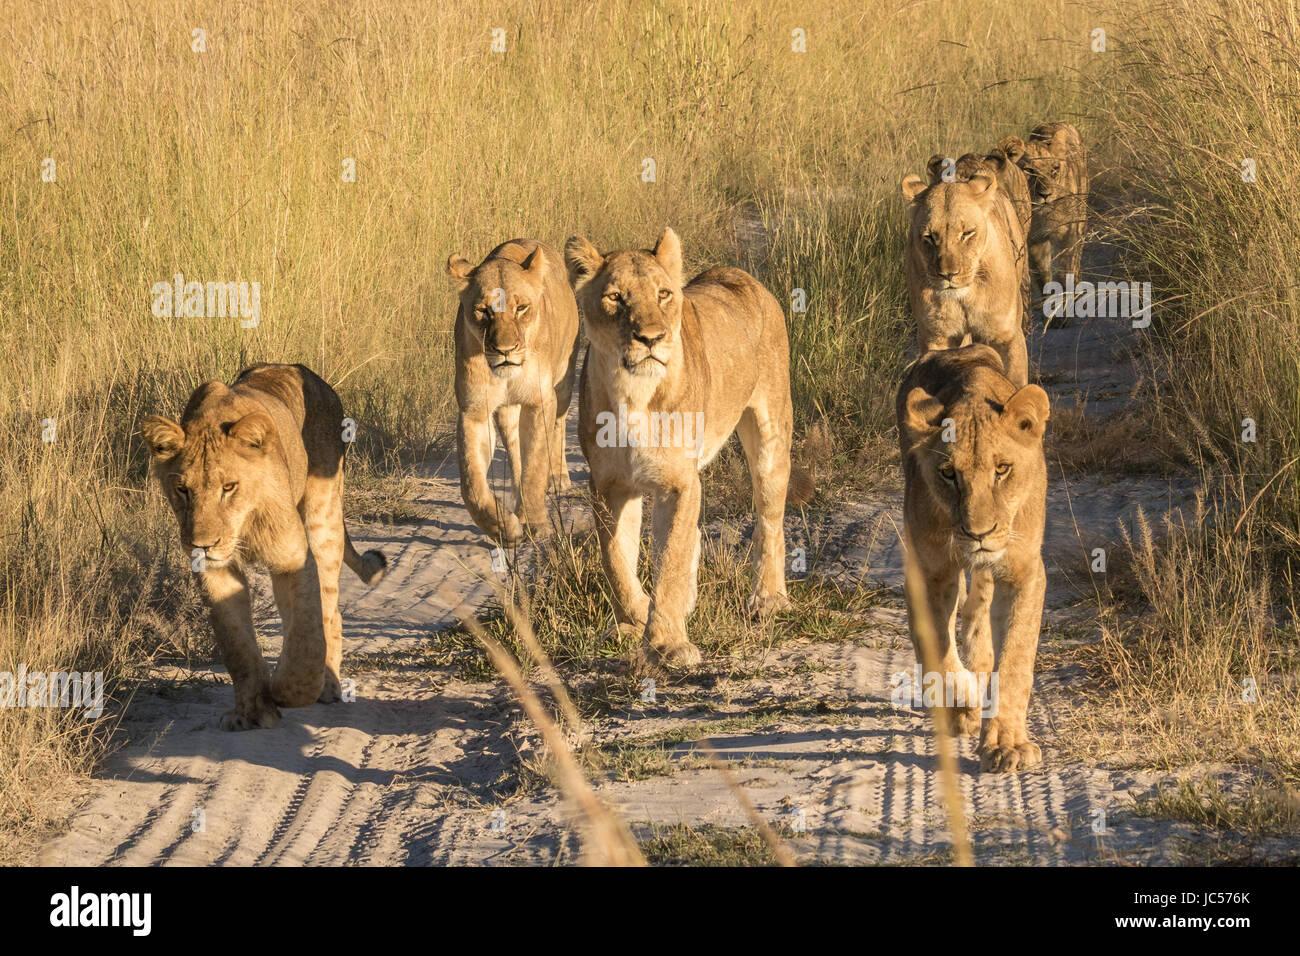 Lion pride walking - Stock Image